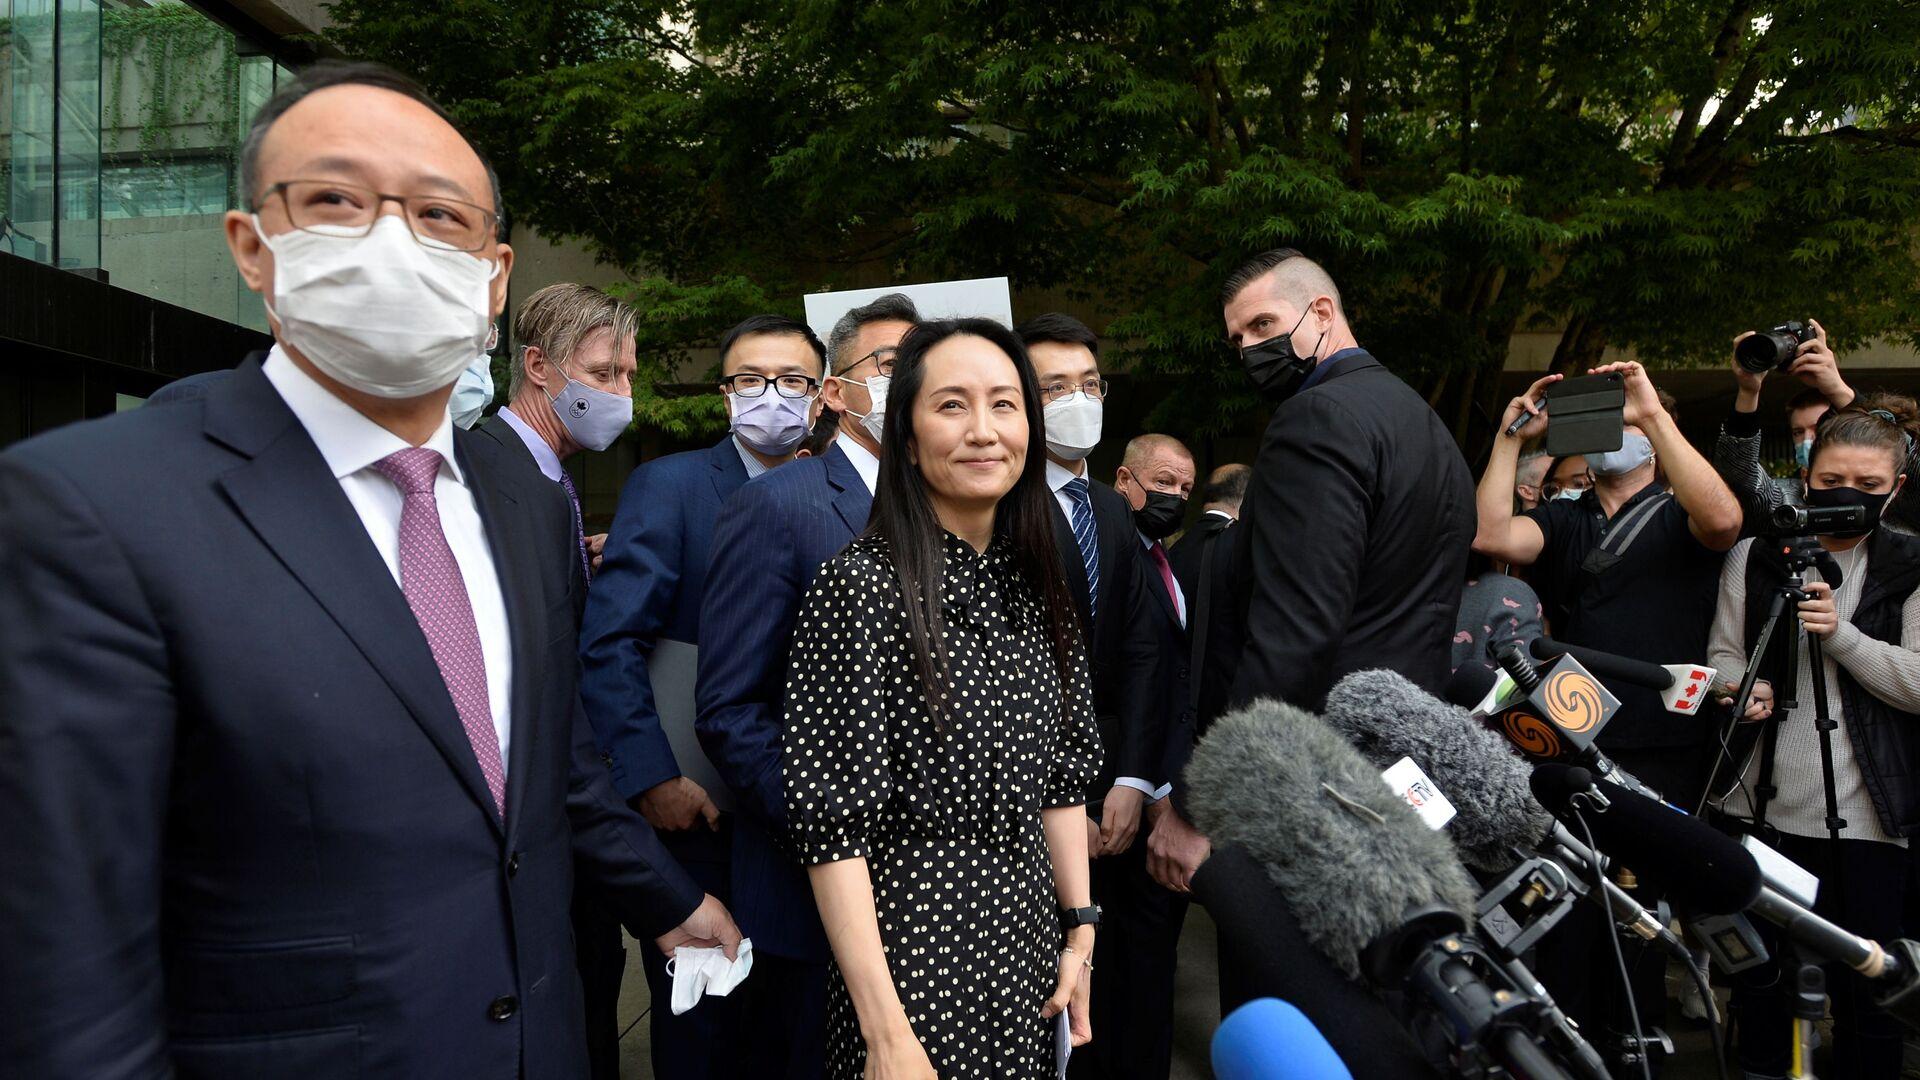 Финансовый директор Huawei Мэн Ваньчжоу после заседания суда в Ванкувере, Канада - Sputnik Азербайджан, 1920, 27.09.2021